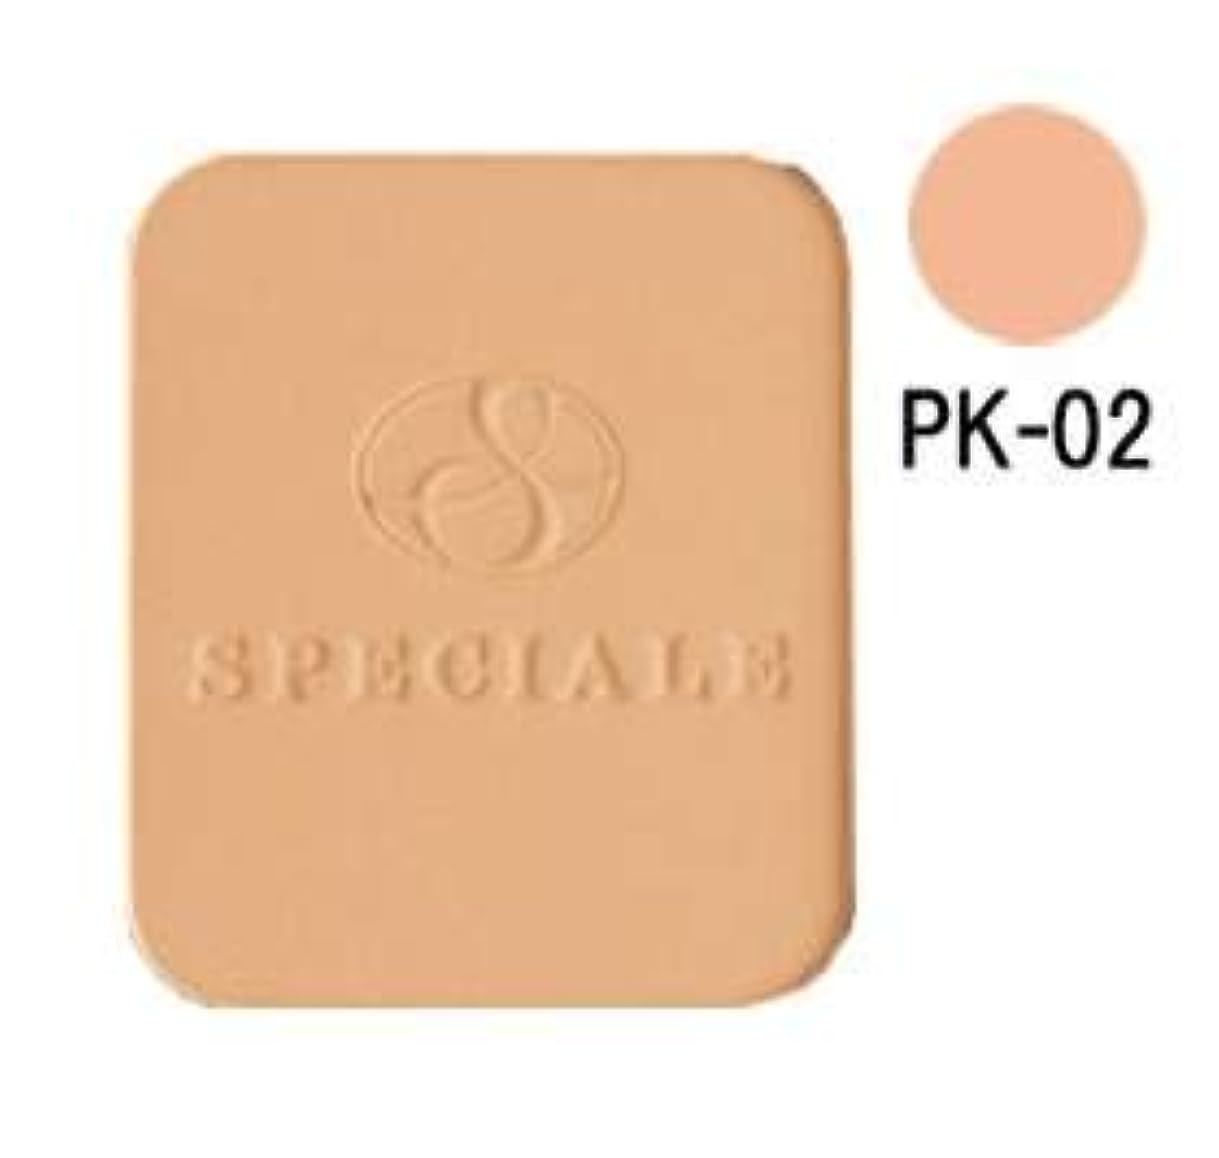 予測身元リーガンノエビア スペチアーレ グロウコンパクト PK-02(リフィール/スポンジ付)(13g)